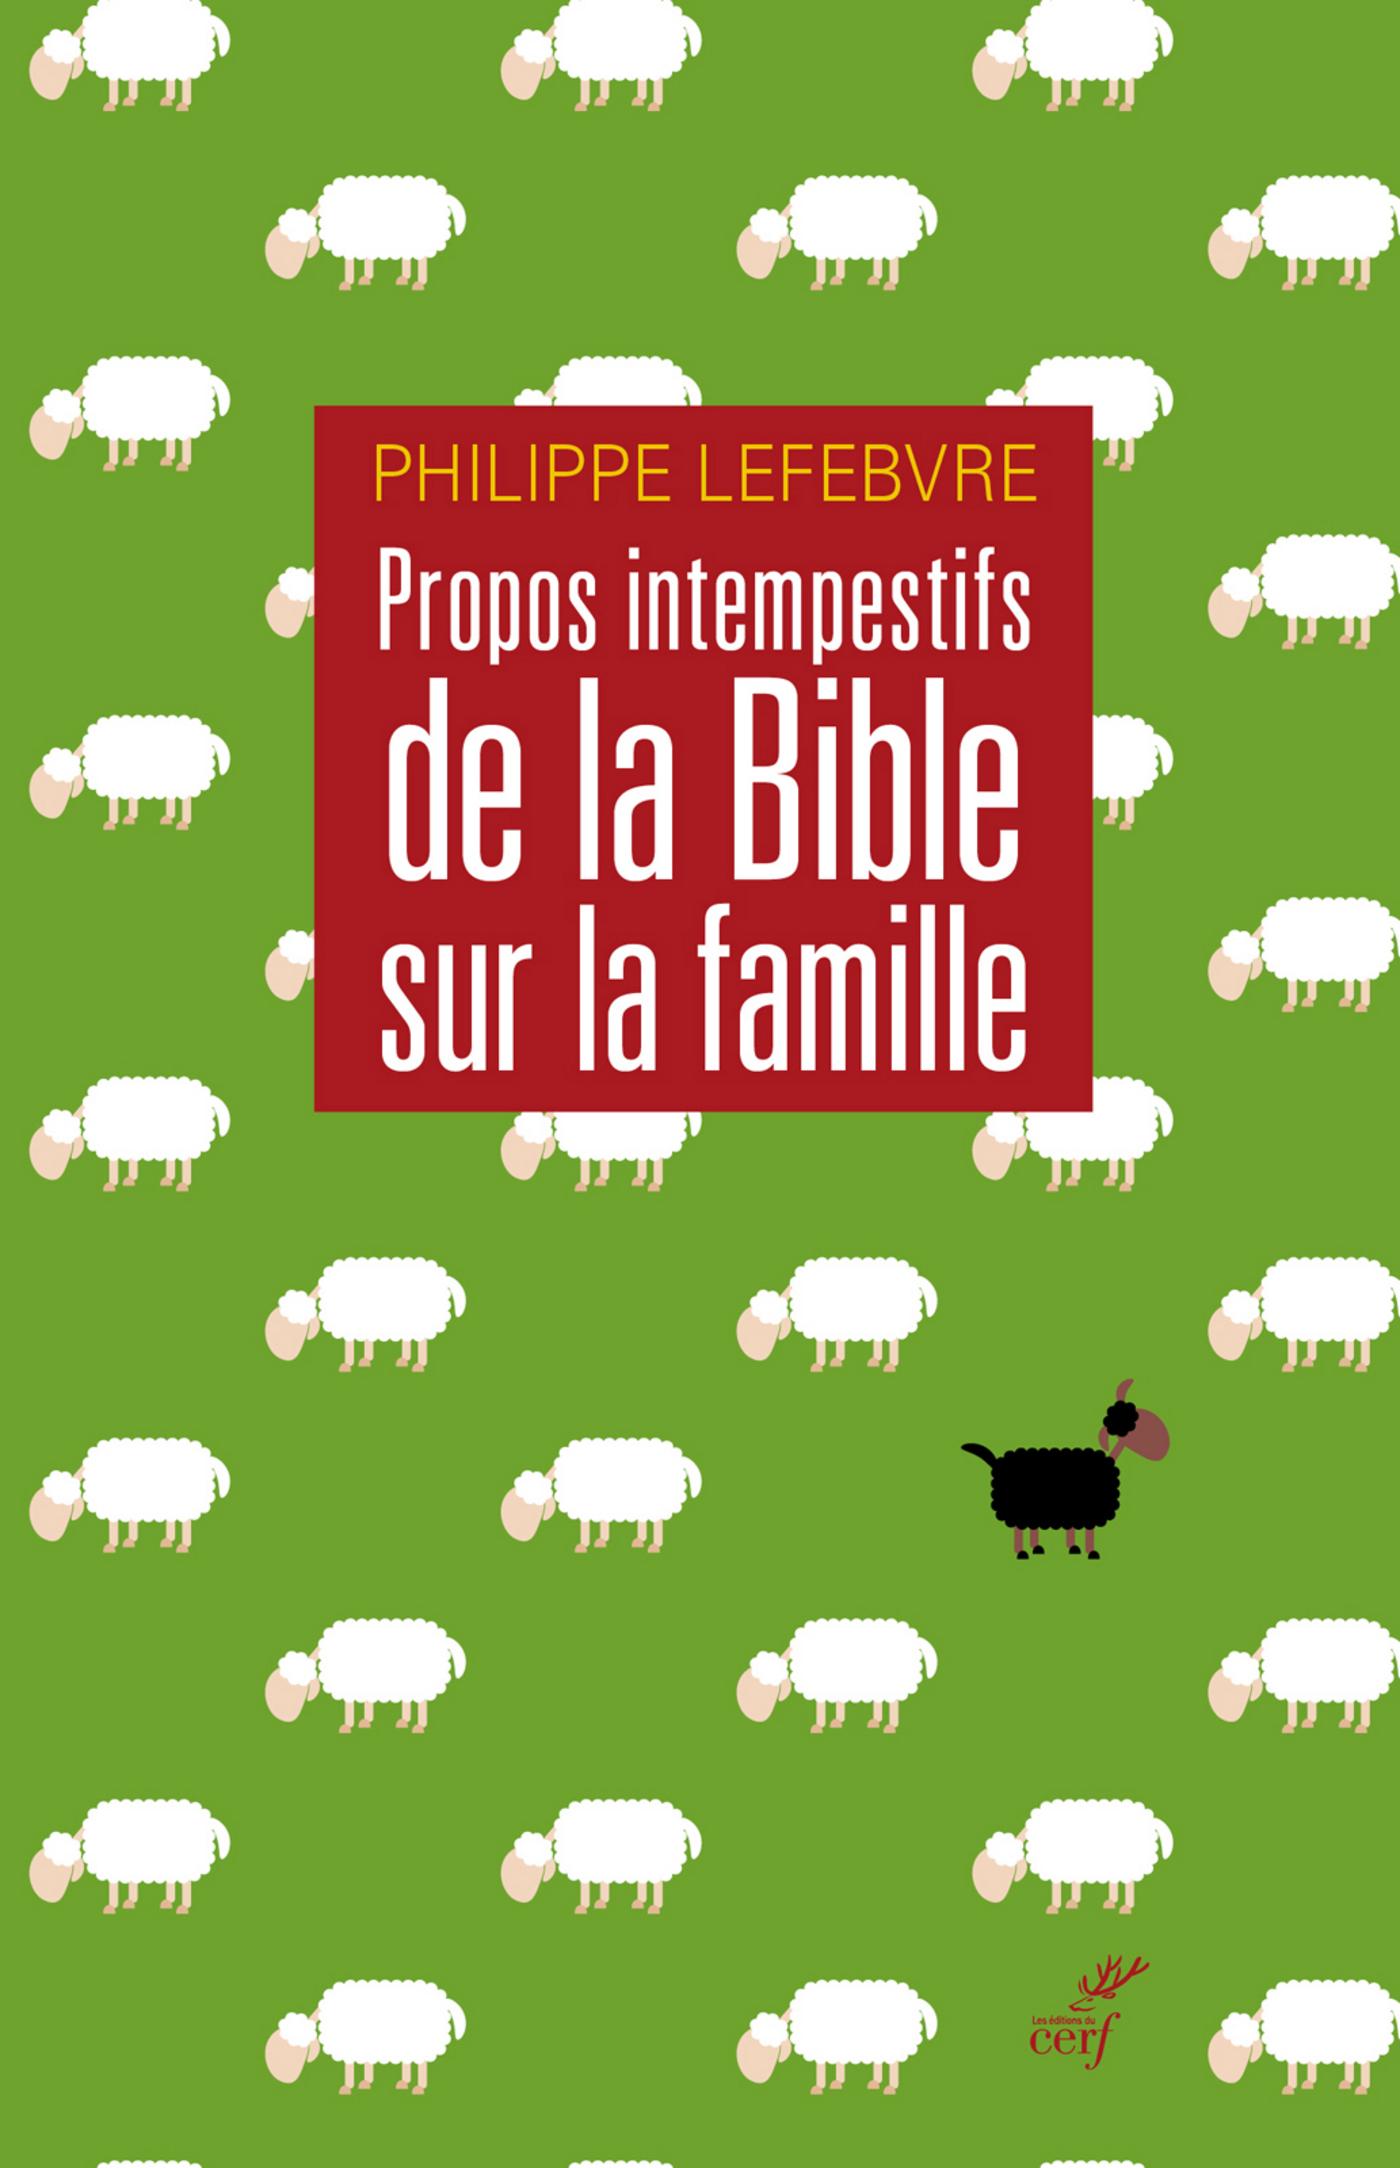 Propos intempestifs de la Bible sur la famille